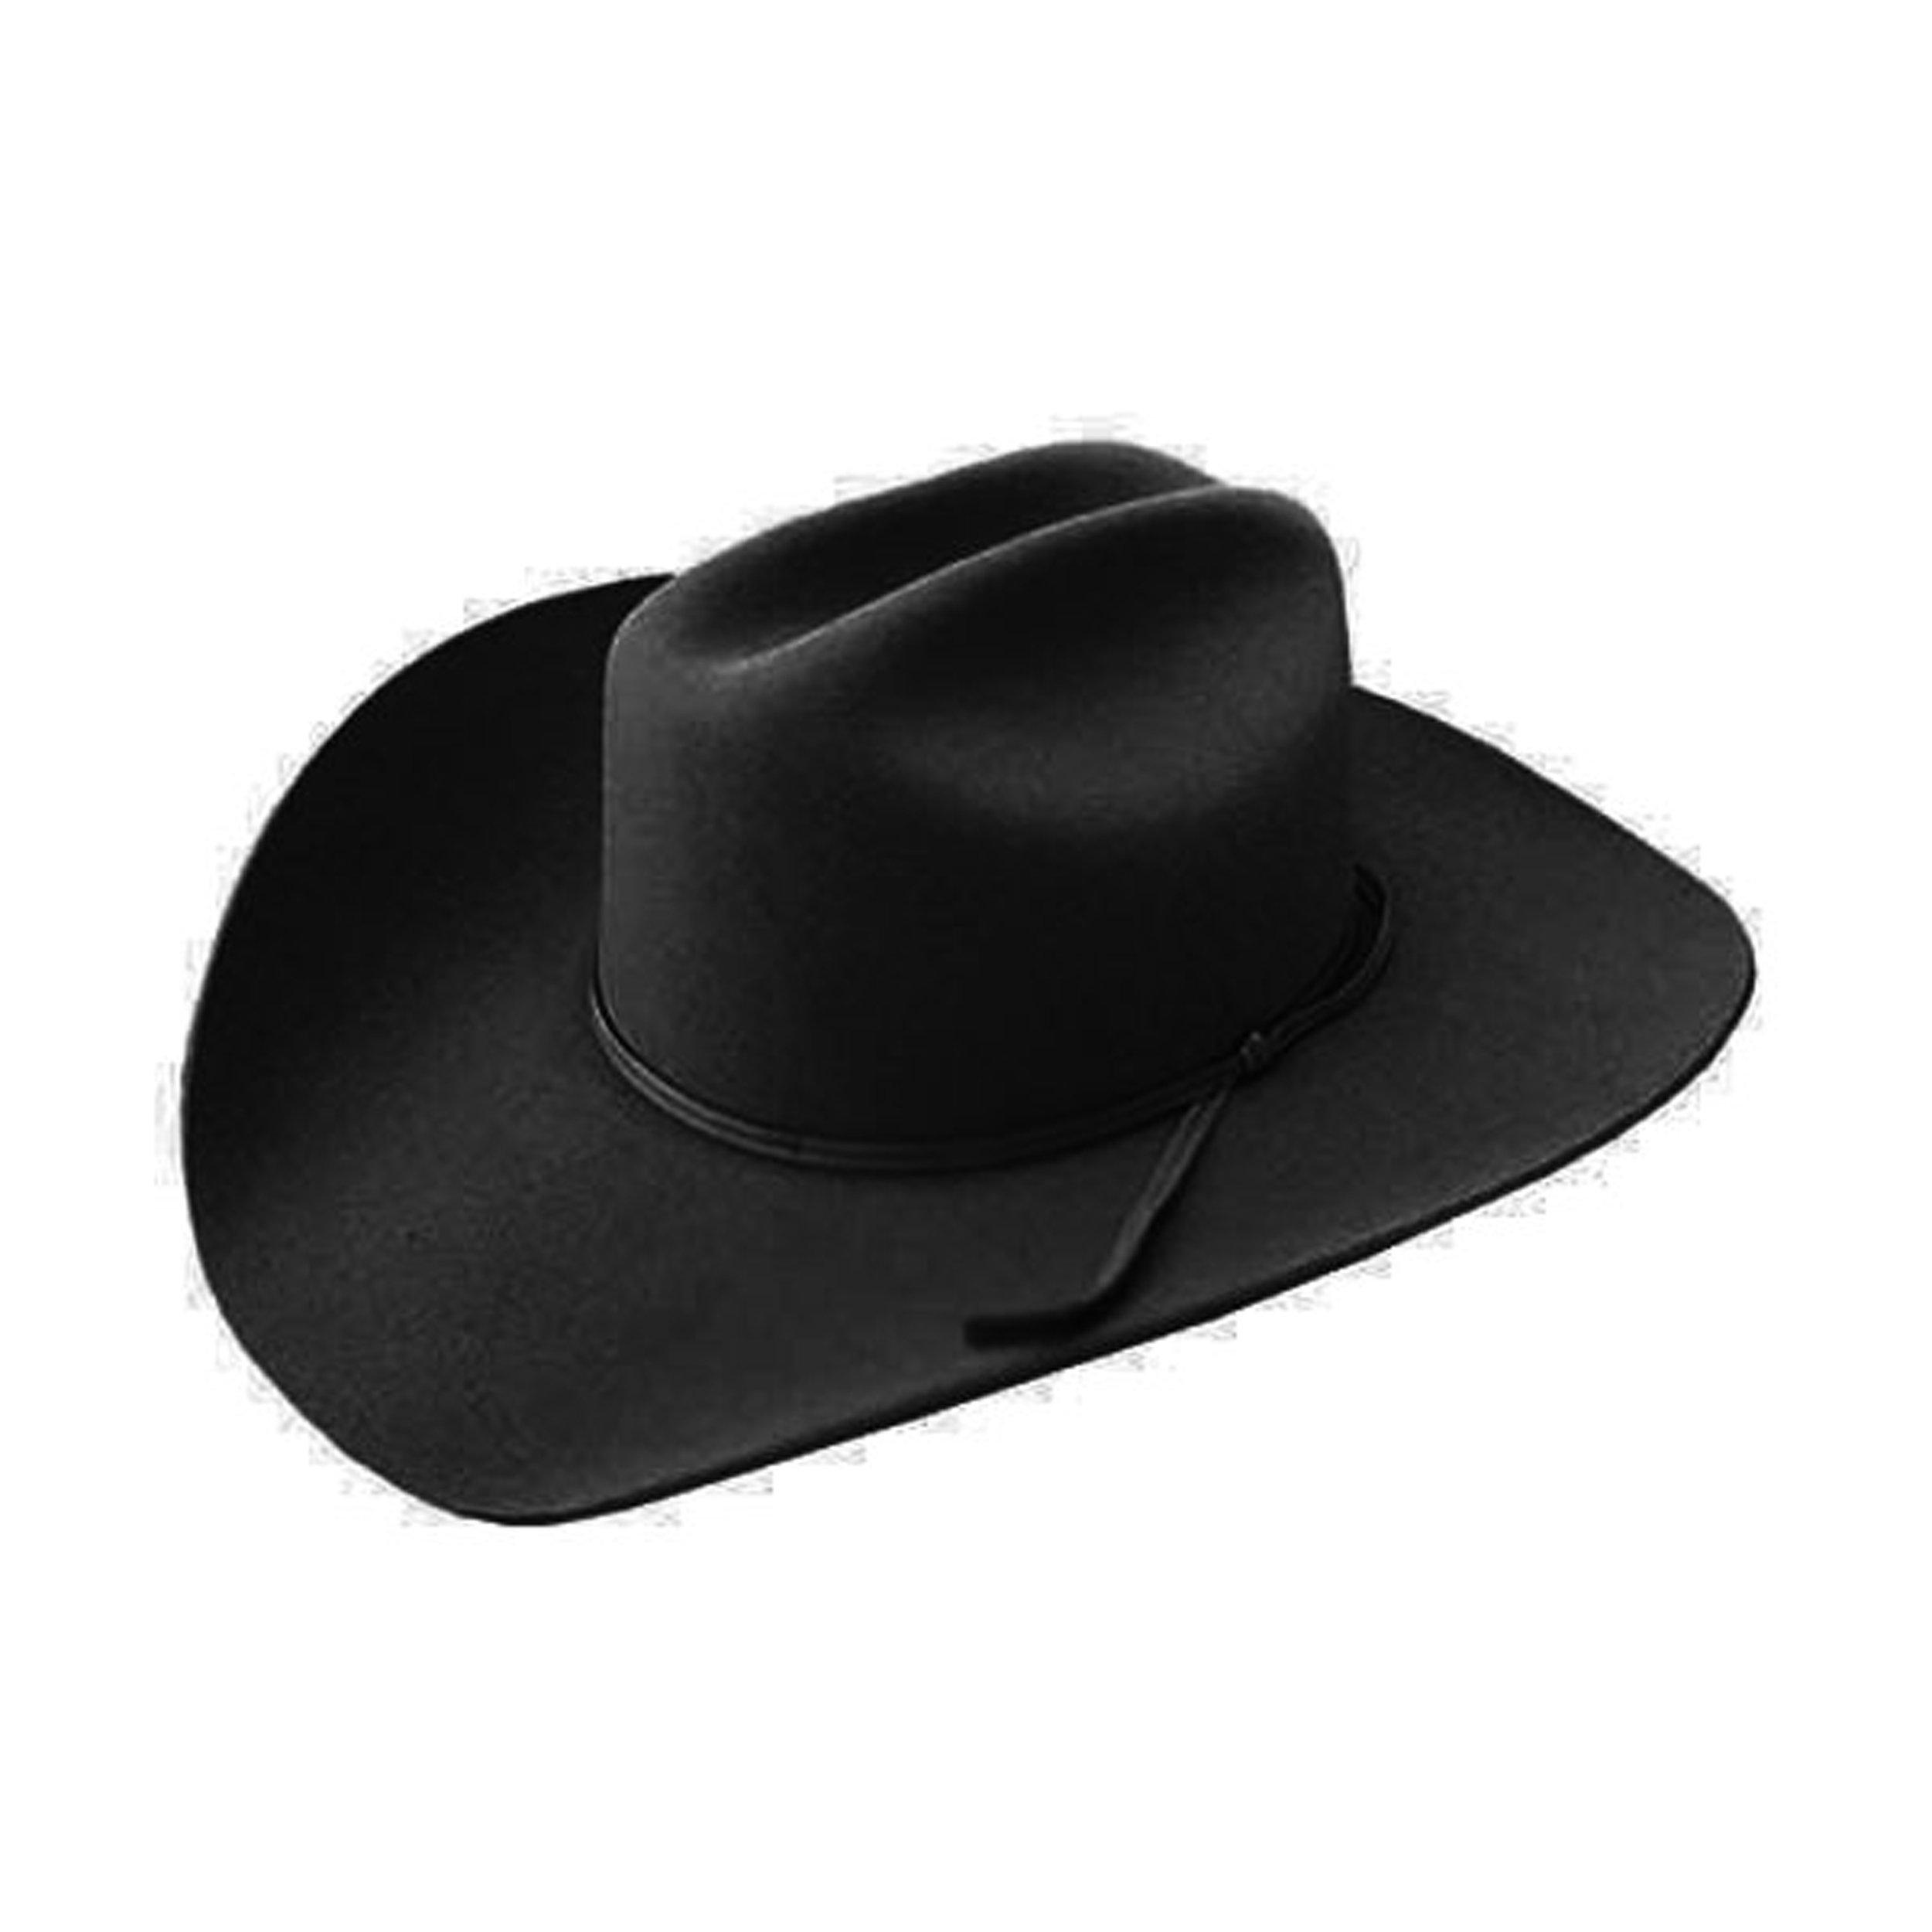 Stetson Cattleman Western Hat-Black-7